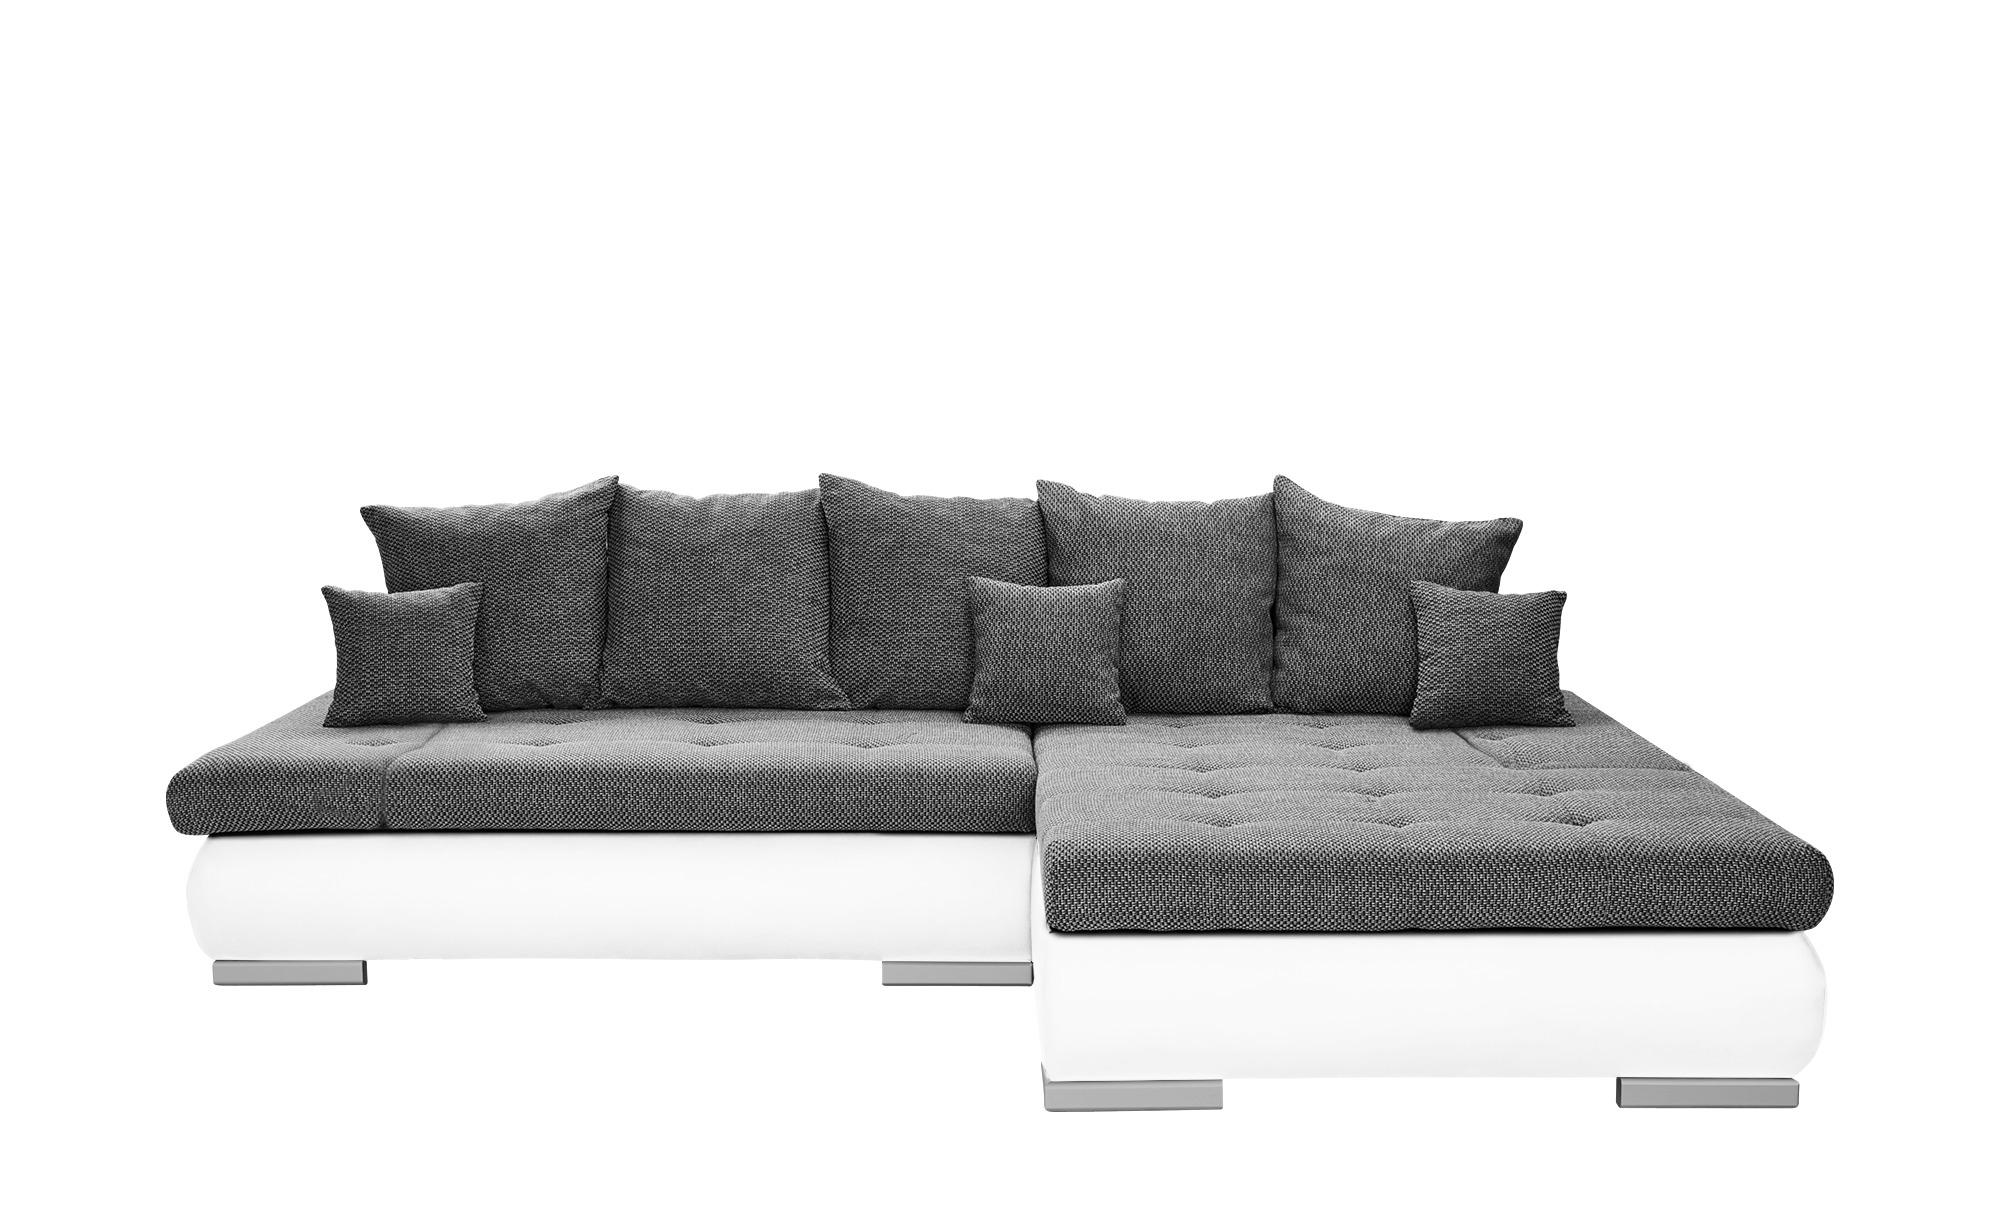 switch Eckcouch weiß/grau - Kunstleder/Webstoff Ivan ¦ grau ¦ Maße (cm): H: 80 Polstermöbel > Sofas > Ecksofas - Höffner